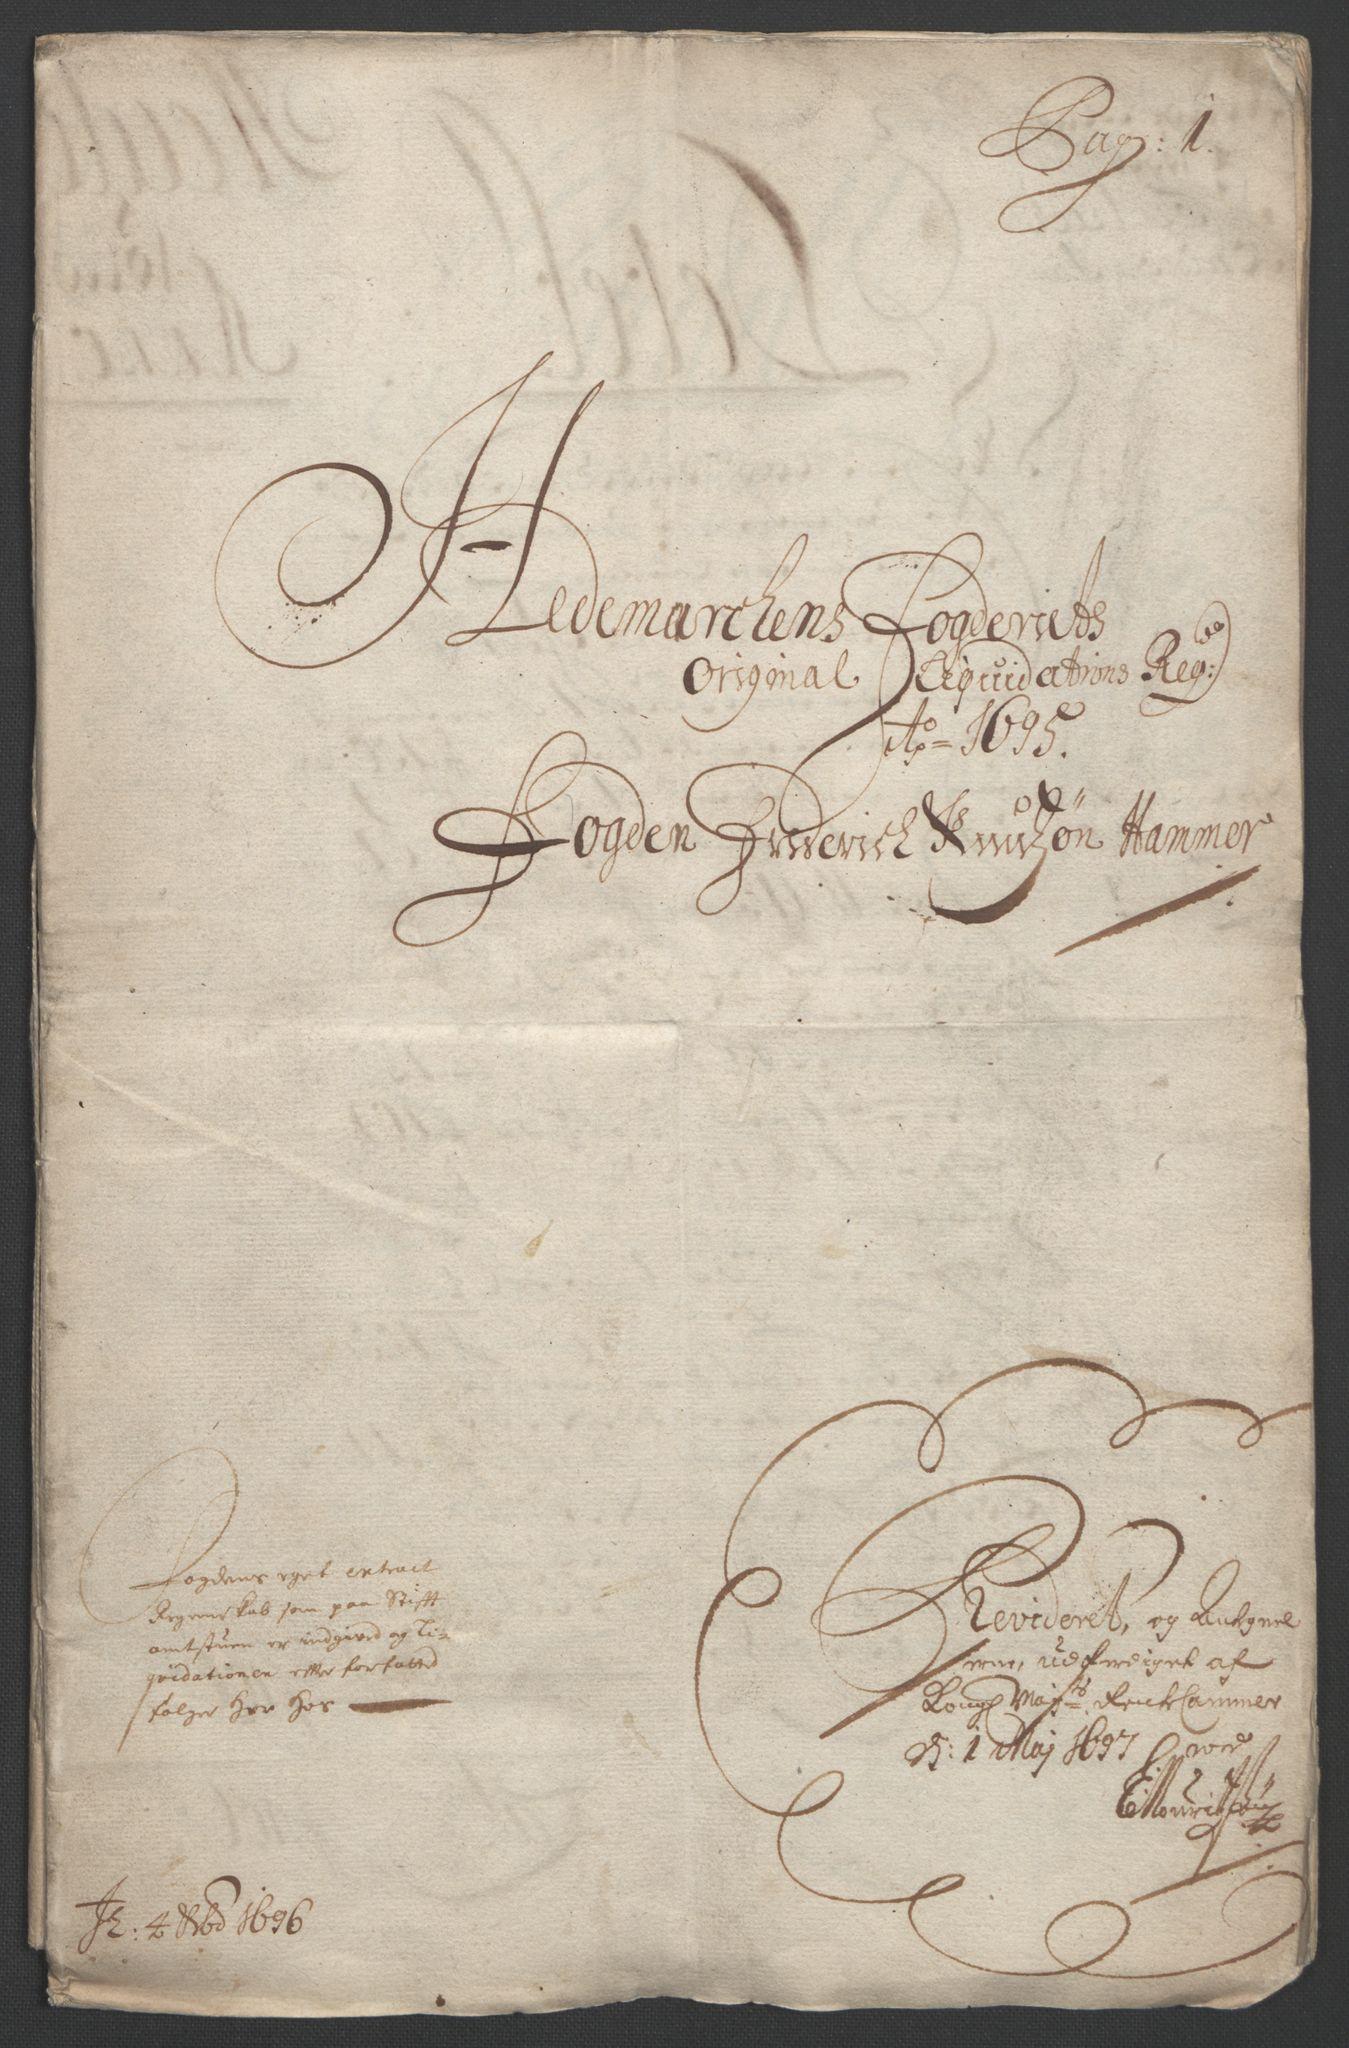 RA, Rentekammeret inntil 1814, Reviderte regnskaper, Fogderegnskap, R16/L1036: Fogderegnskap Hedmark, 1695-1696, s. 3